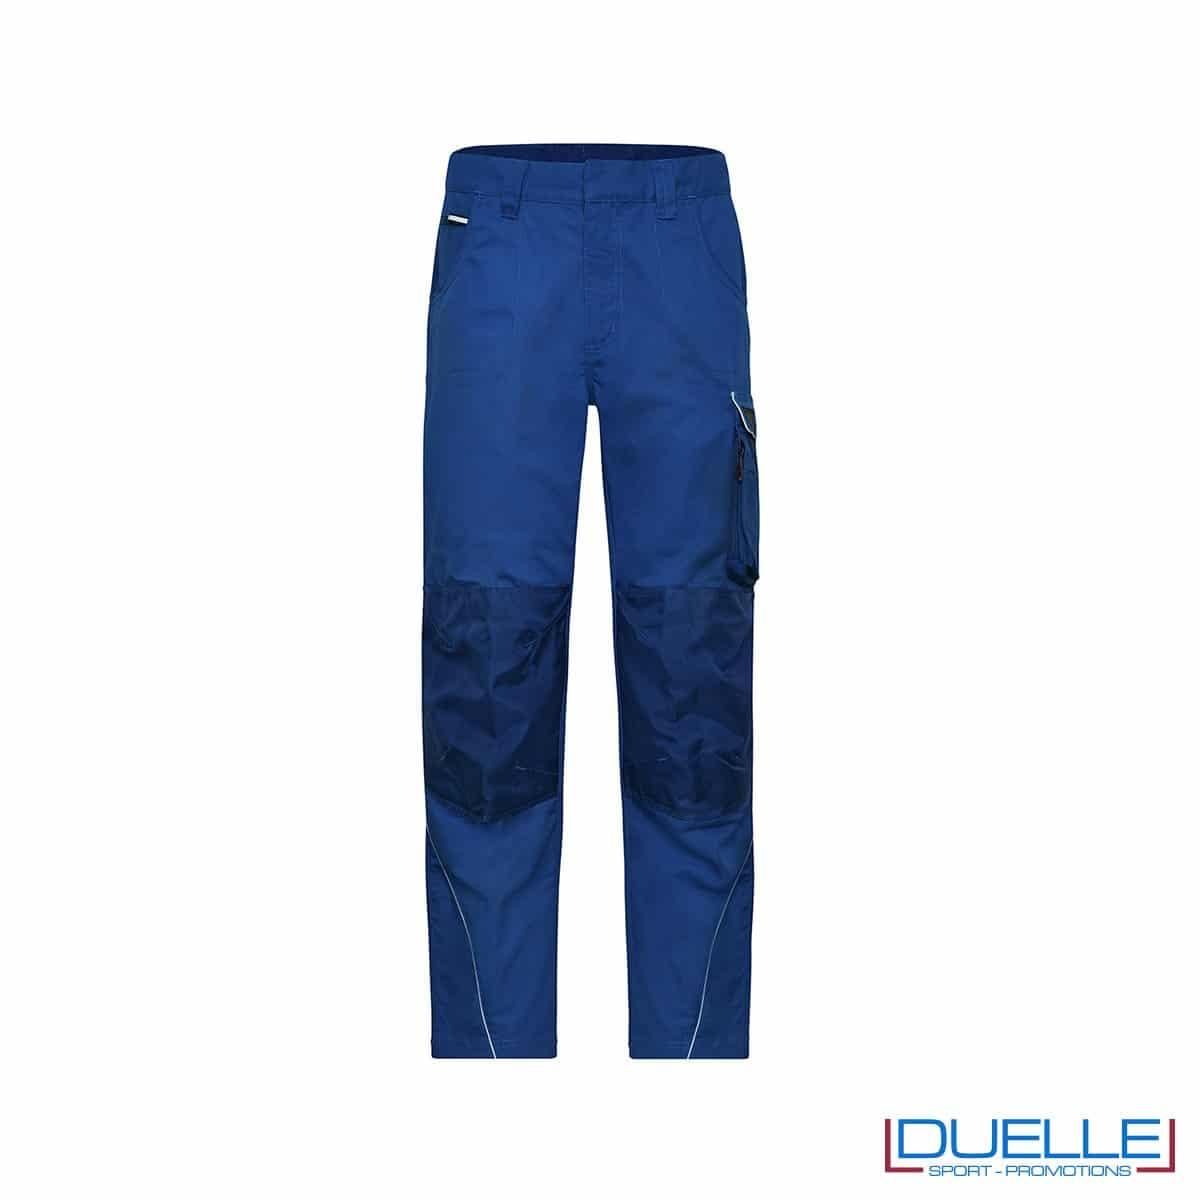 pantalone lungo da lavoro personalizzato in colore blu royal